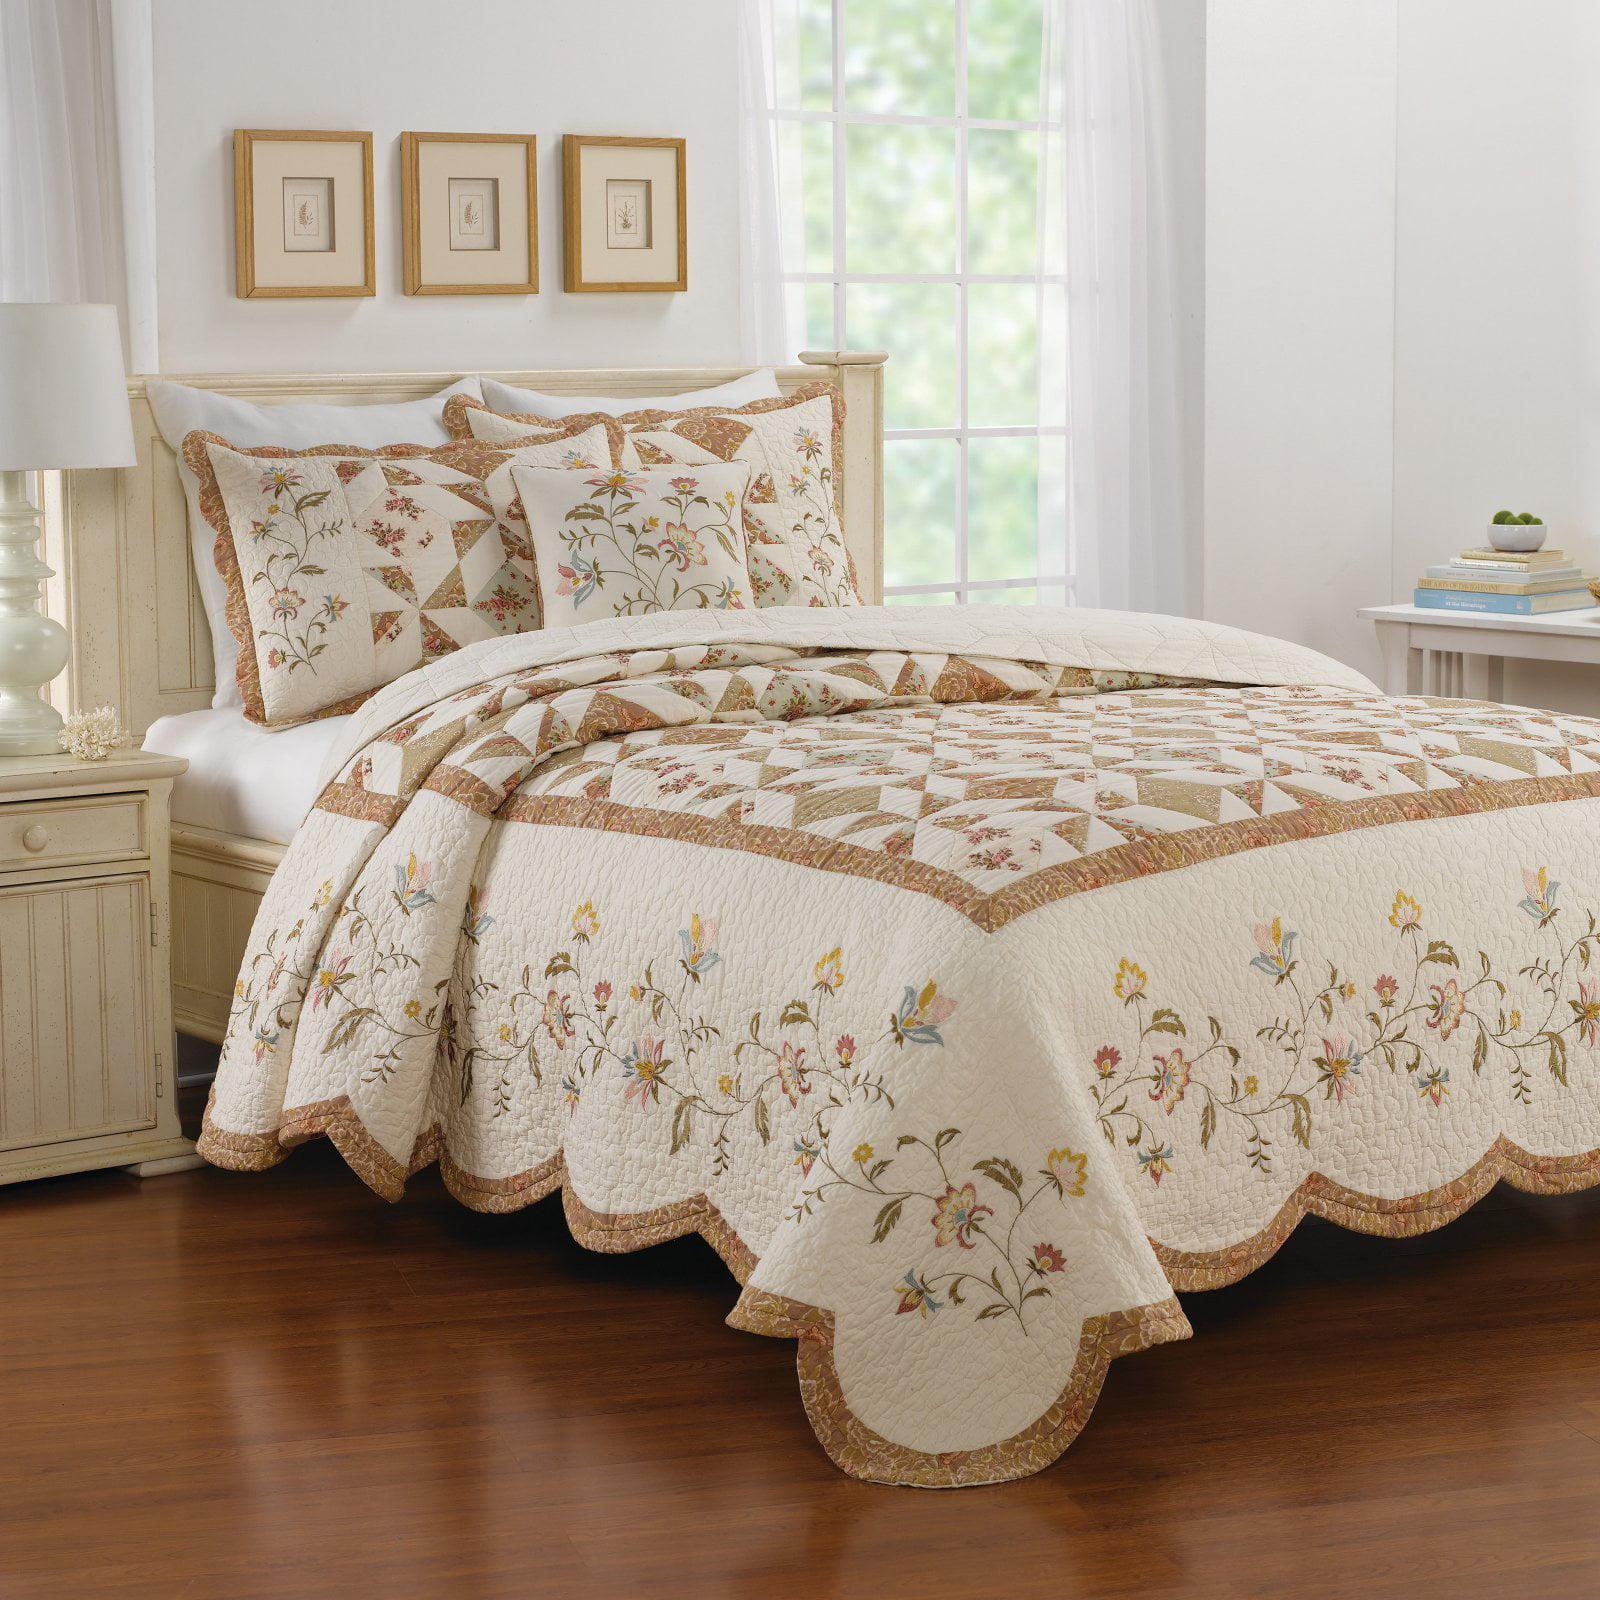 Caroline Bedspread by Nostalgia Home